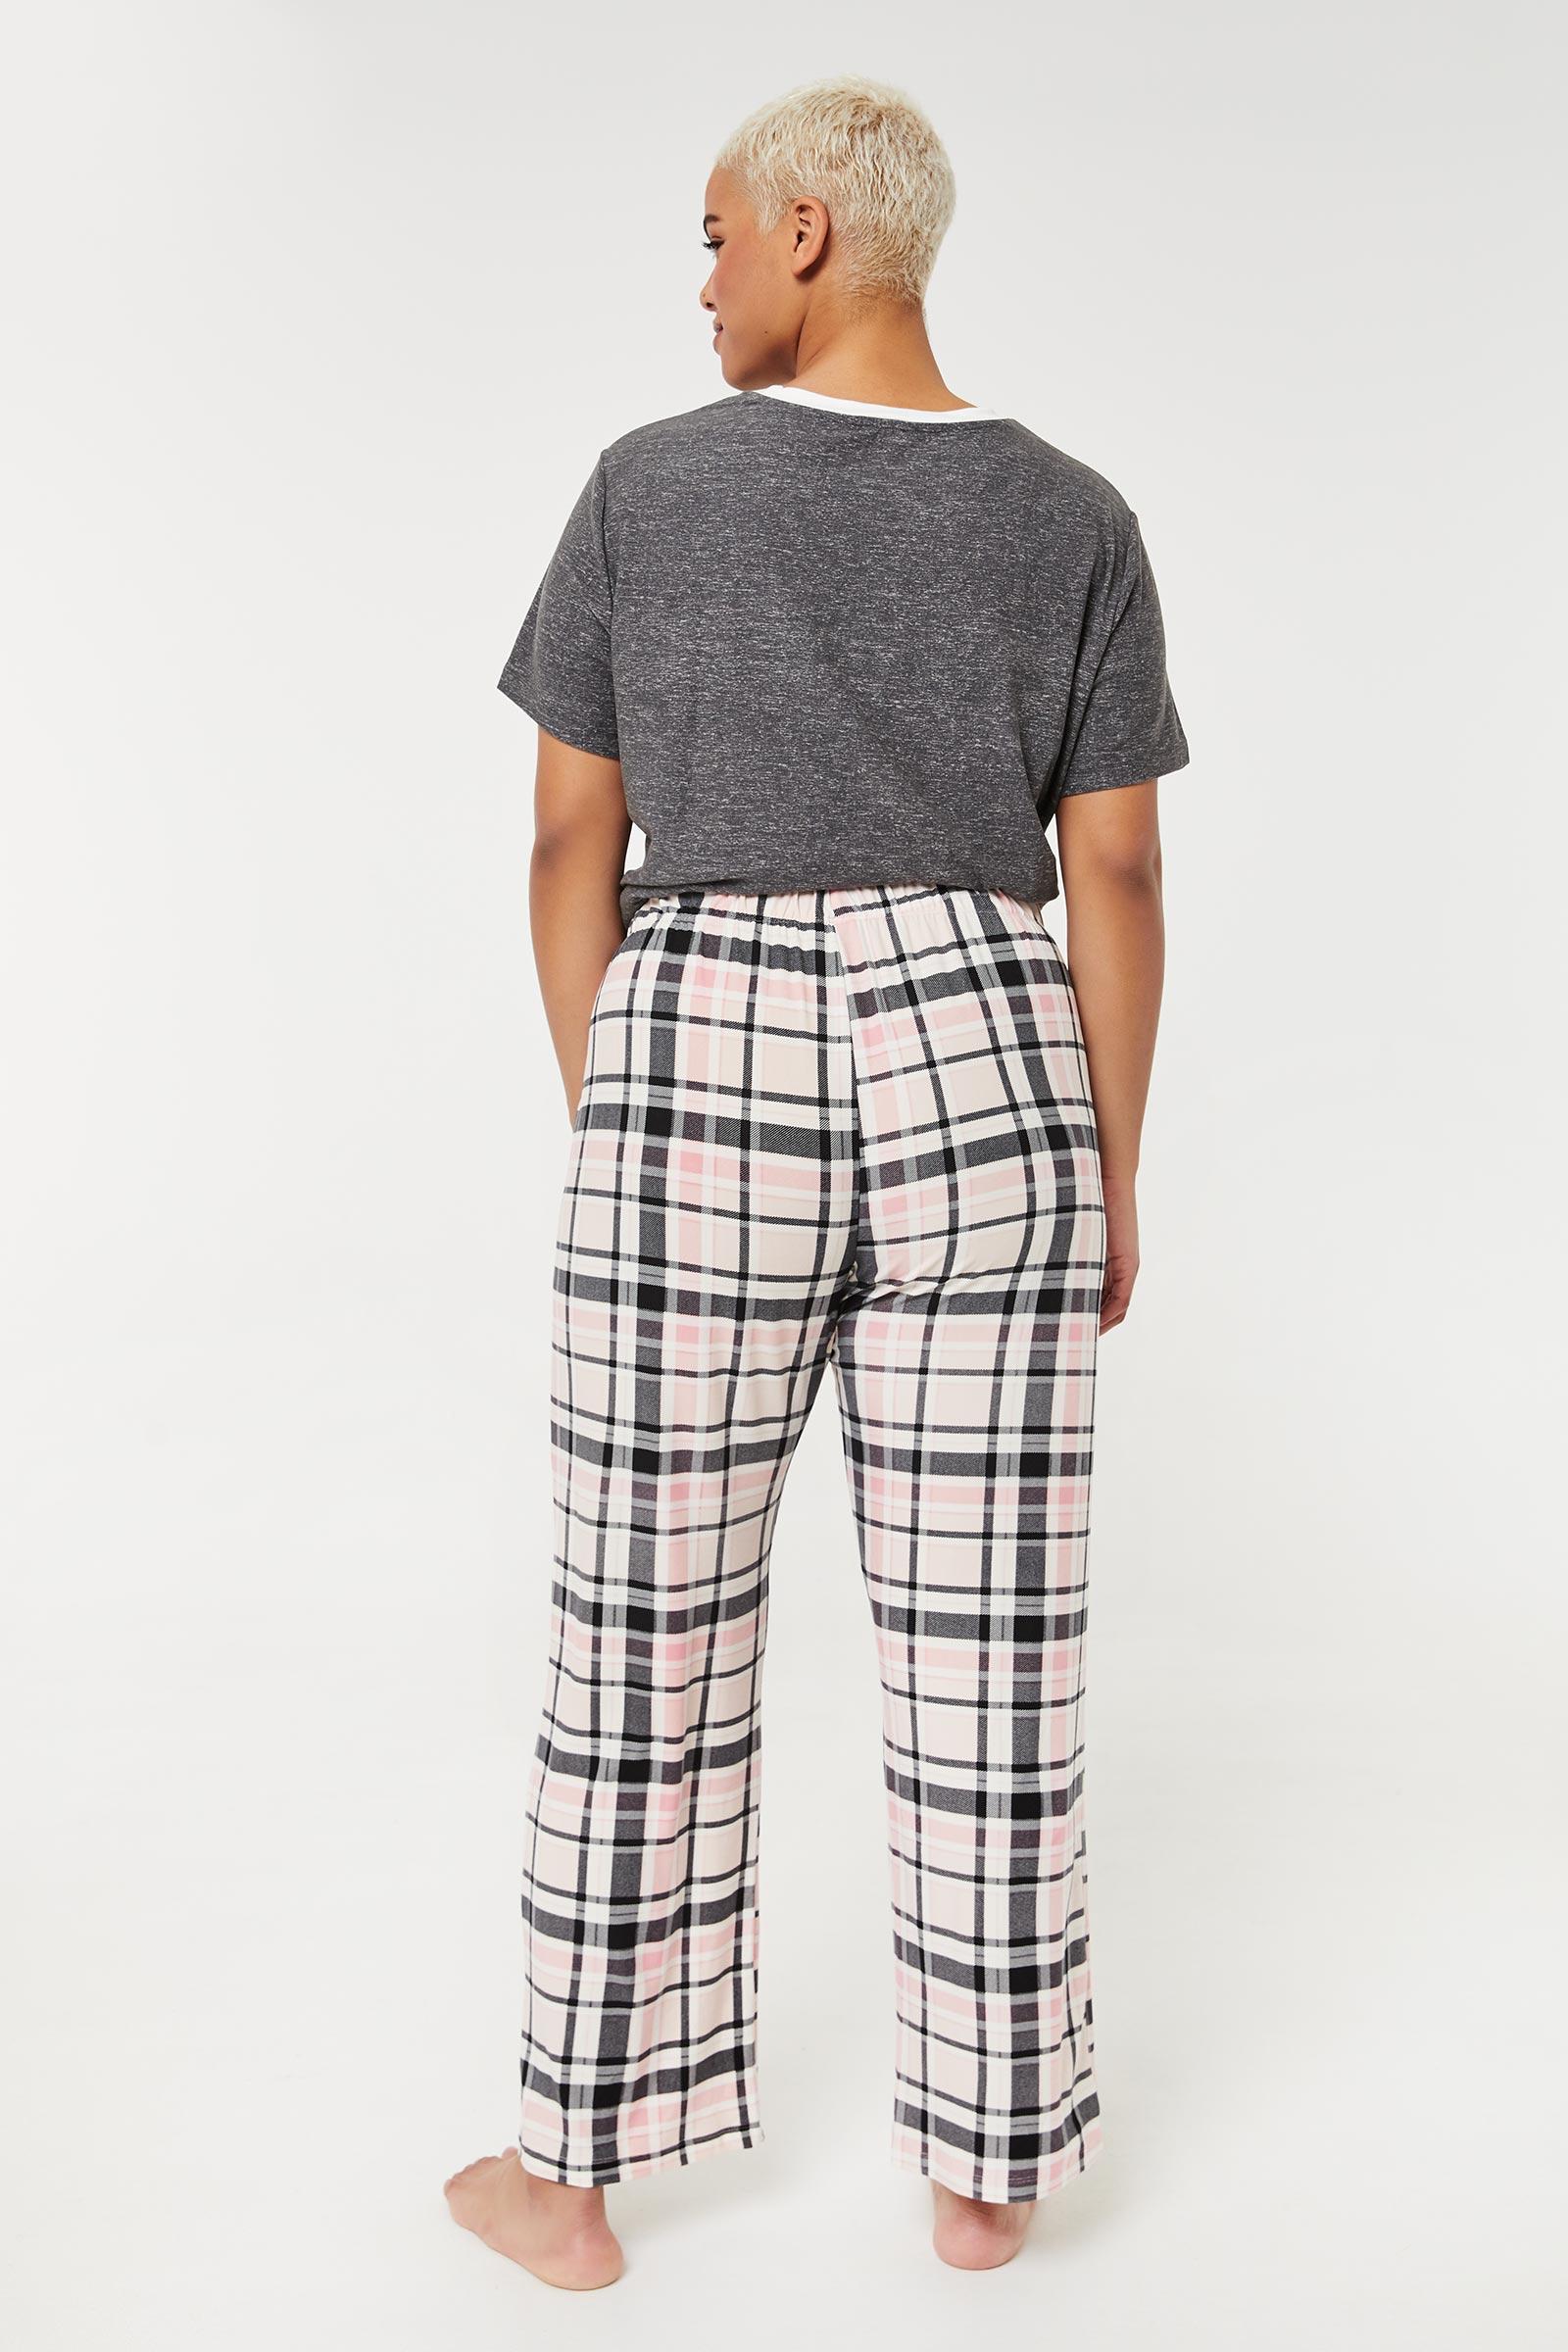 Plus Size Plaid PJ Pants